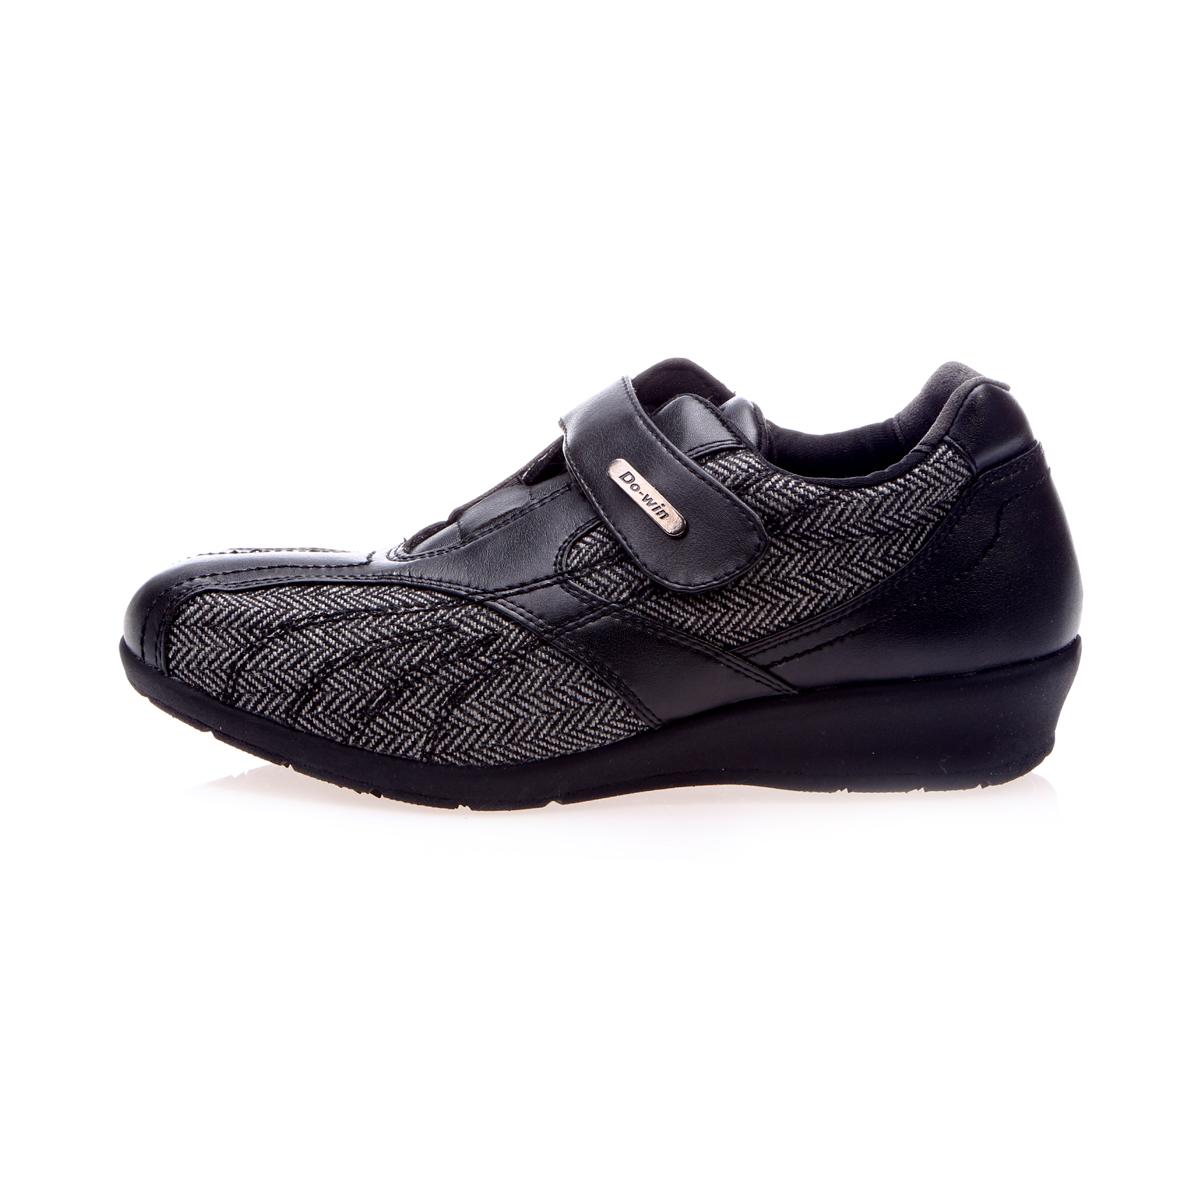 多威夏爽鞋老人鞋_多威官方旗舰店 中老年保健鞋,健步皮鞋 h6503